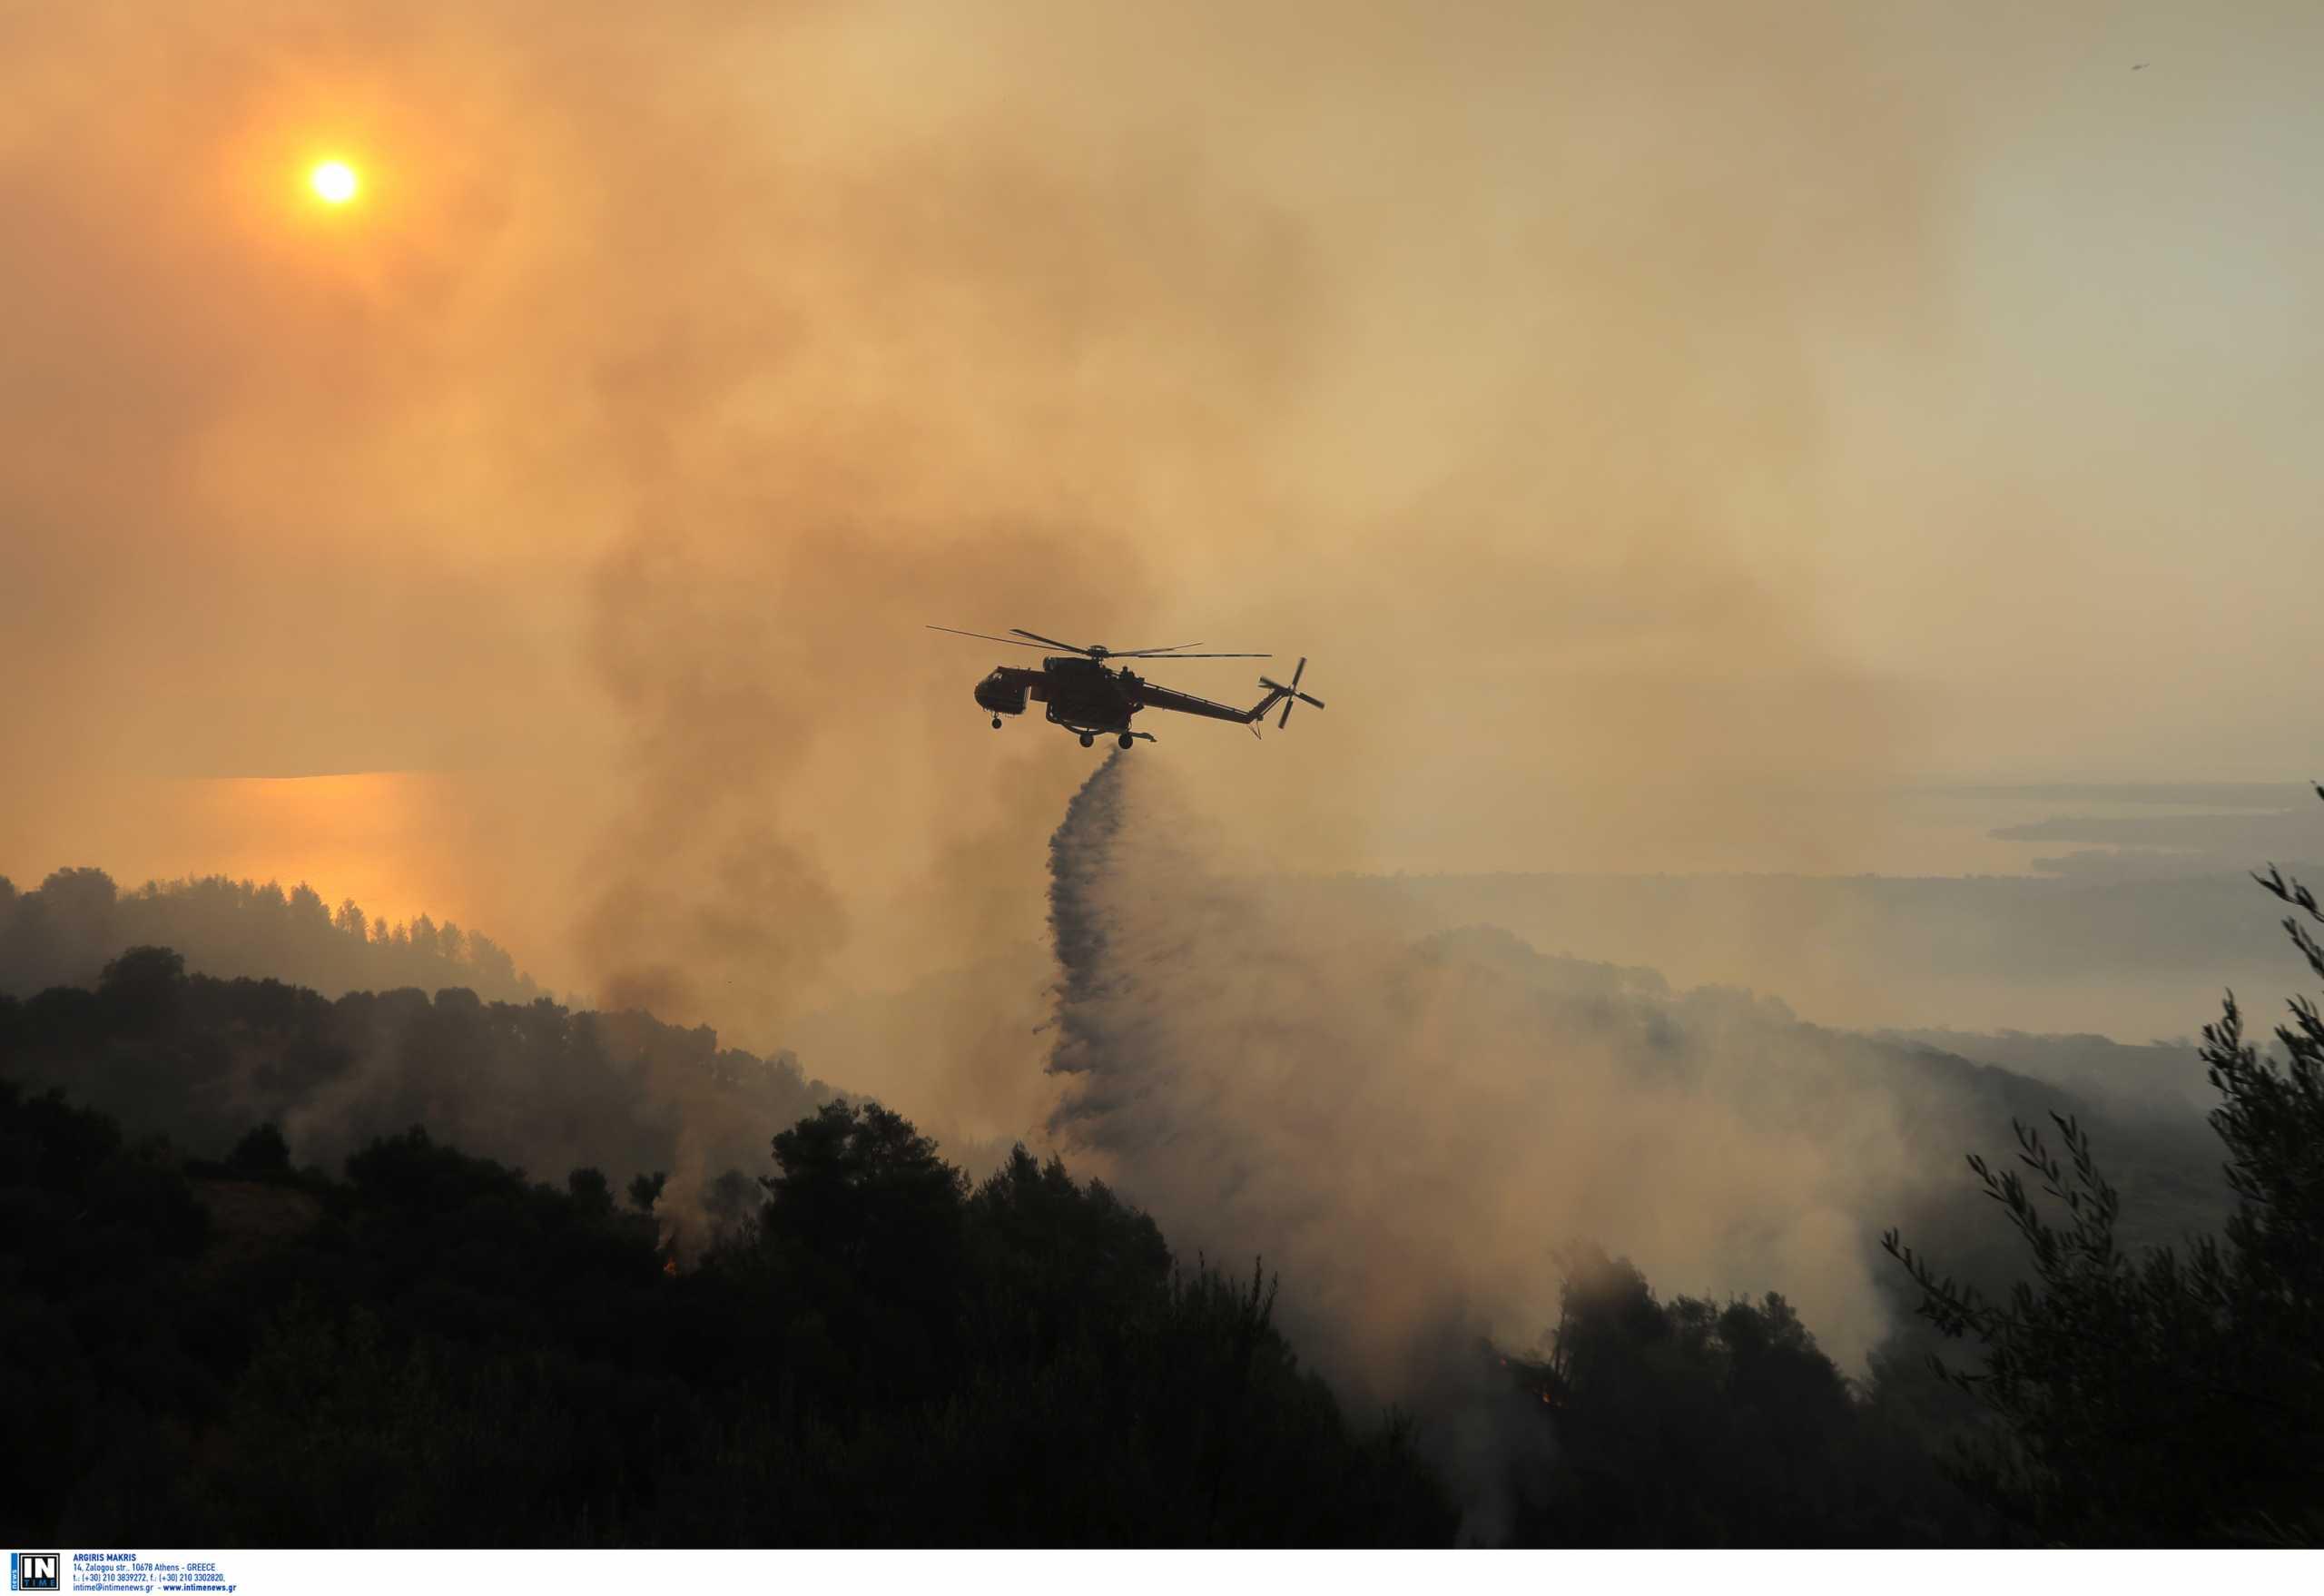 Πολιτική Προστασία: Πολύ υψηλός κίνδυνος πυρκαγιάς σε 7 περιφέρειες